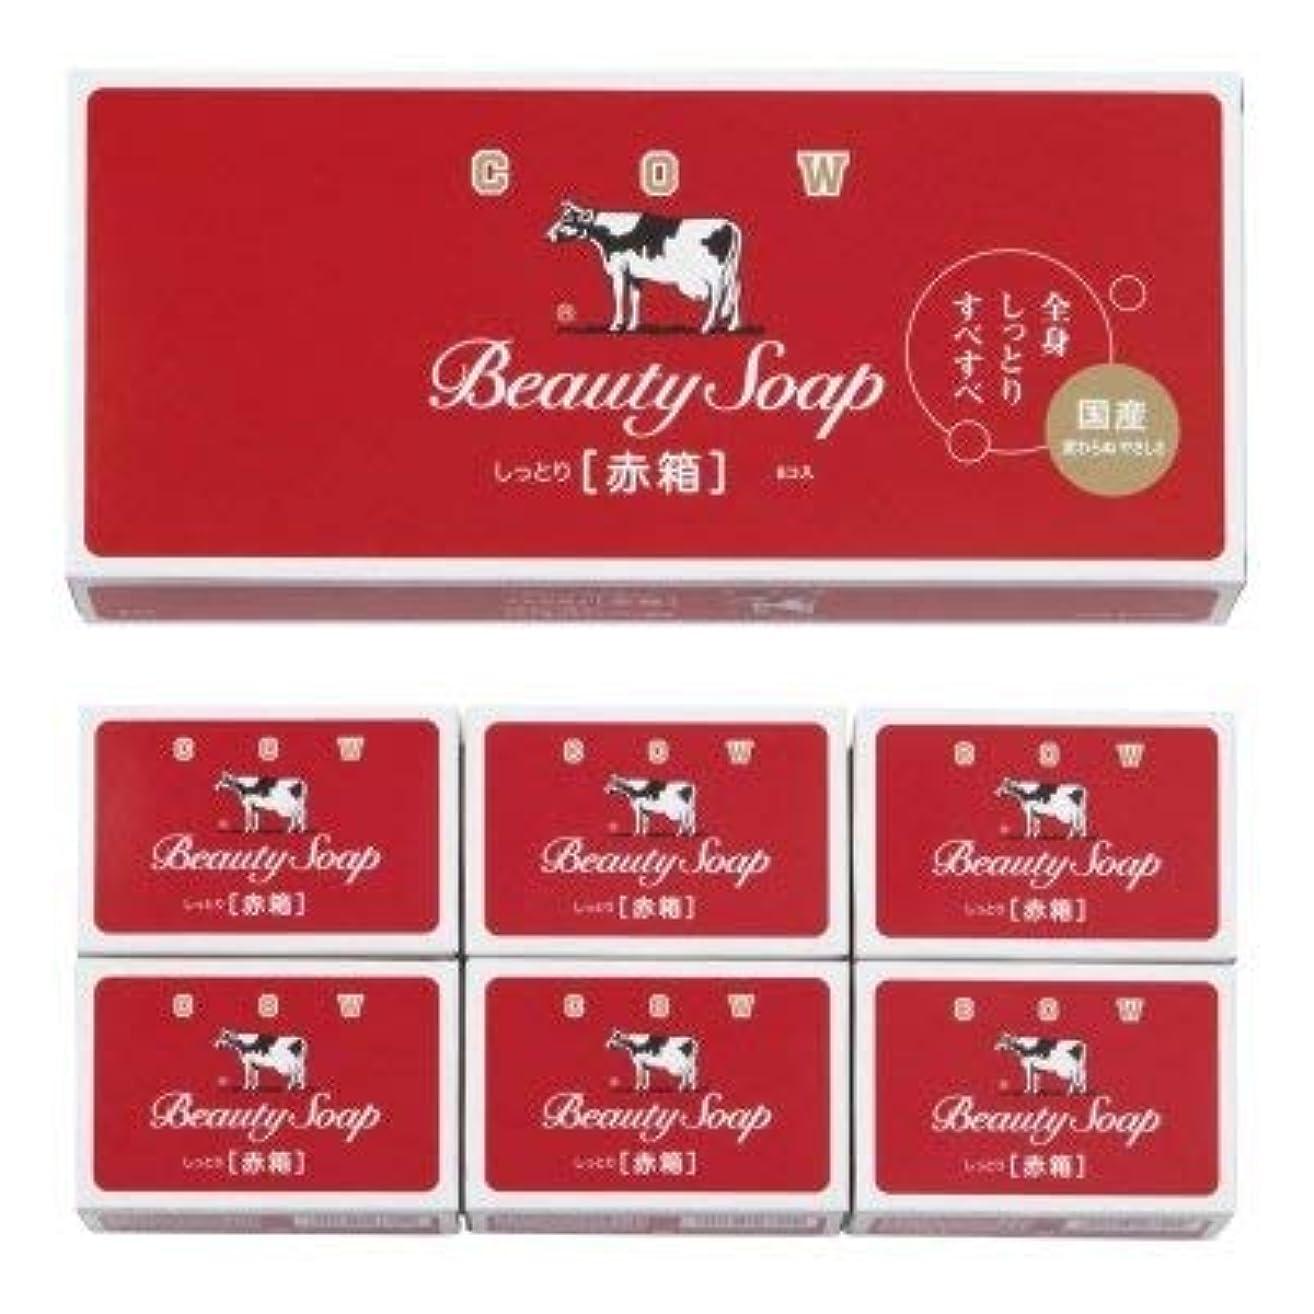 継承ブロー志す【国産】牛乳石鹸 カウブランド 赤箱6コ入 (12個1セット)